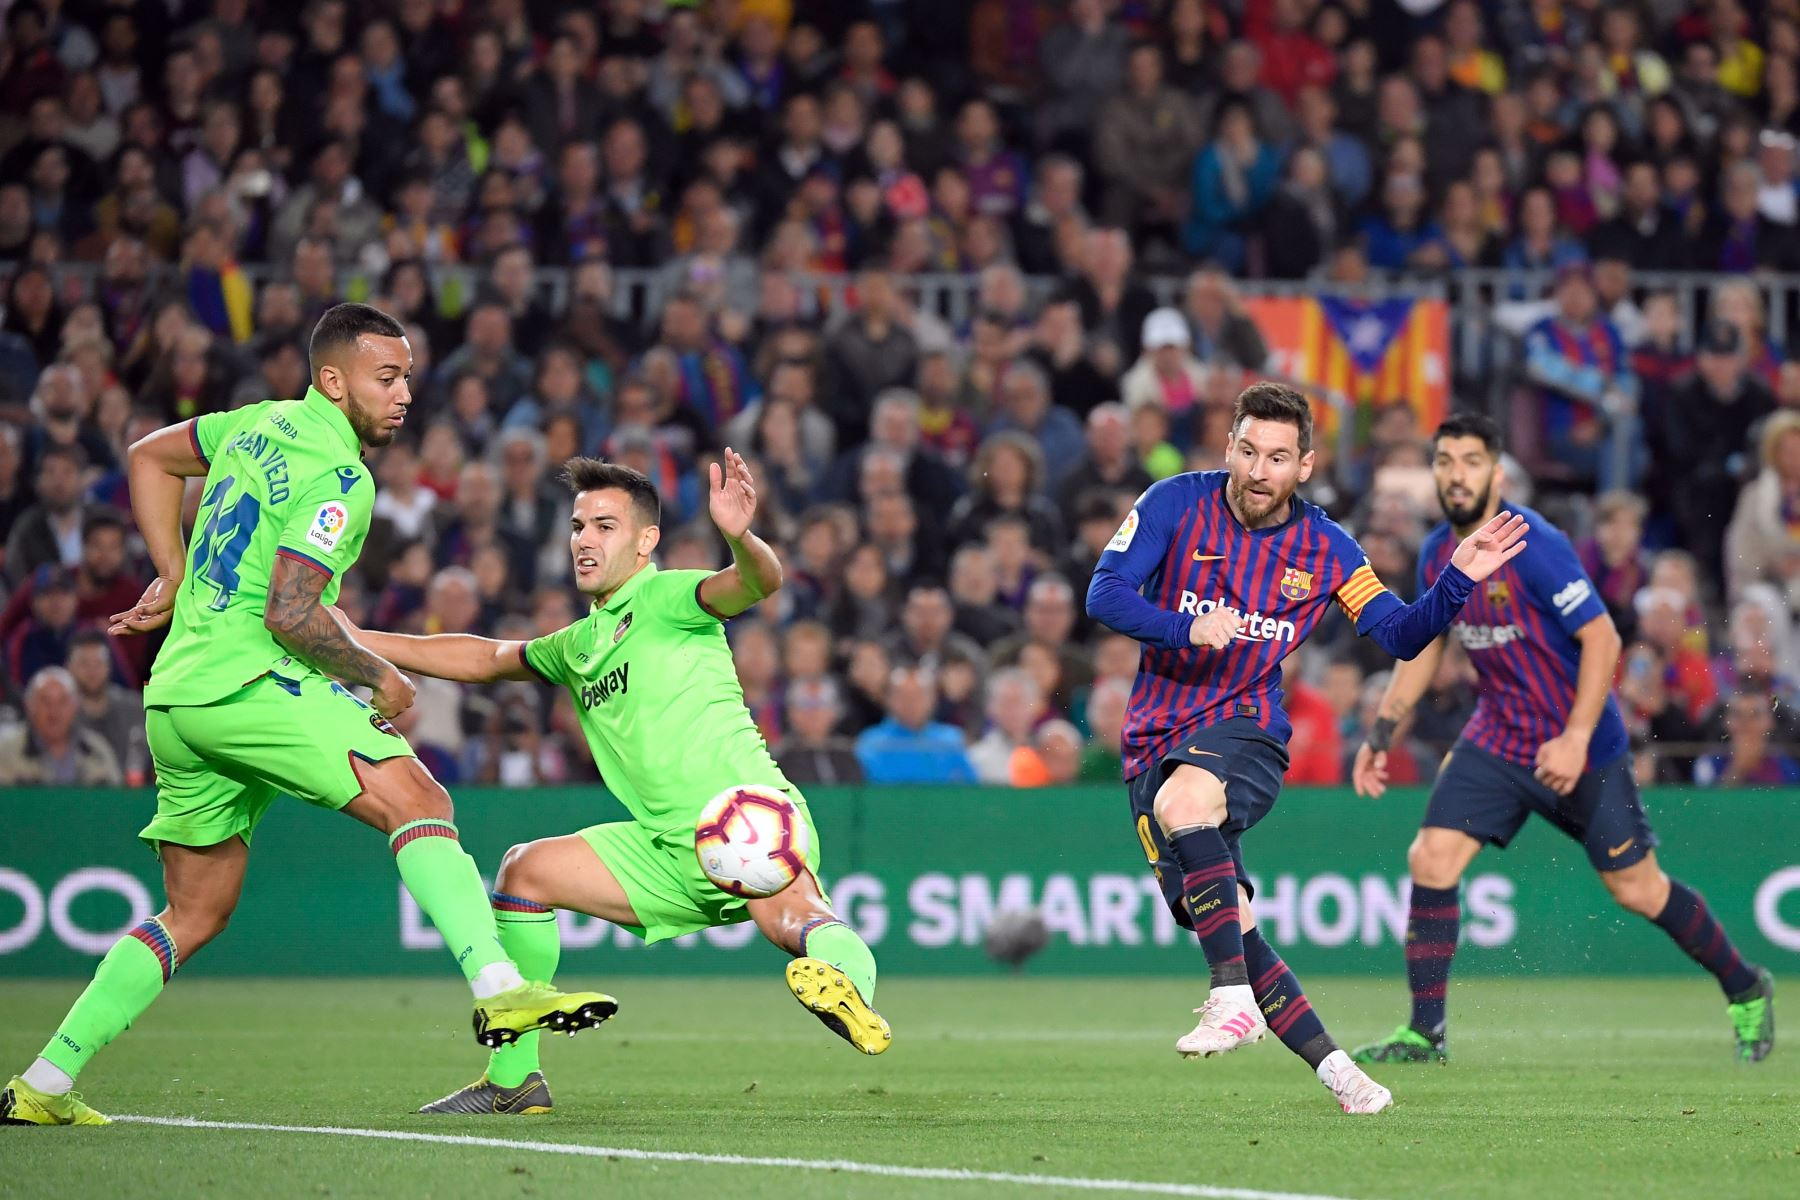 El delantero argentino del Barcelona, Lionel Messi, dispara para marcar un gol durante el partido de fútbol de la Liga española entre el FC Barcelona y el Levante UD en el estadio Camp Nou en Barcelona.Foto: AFP